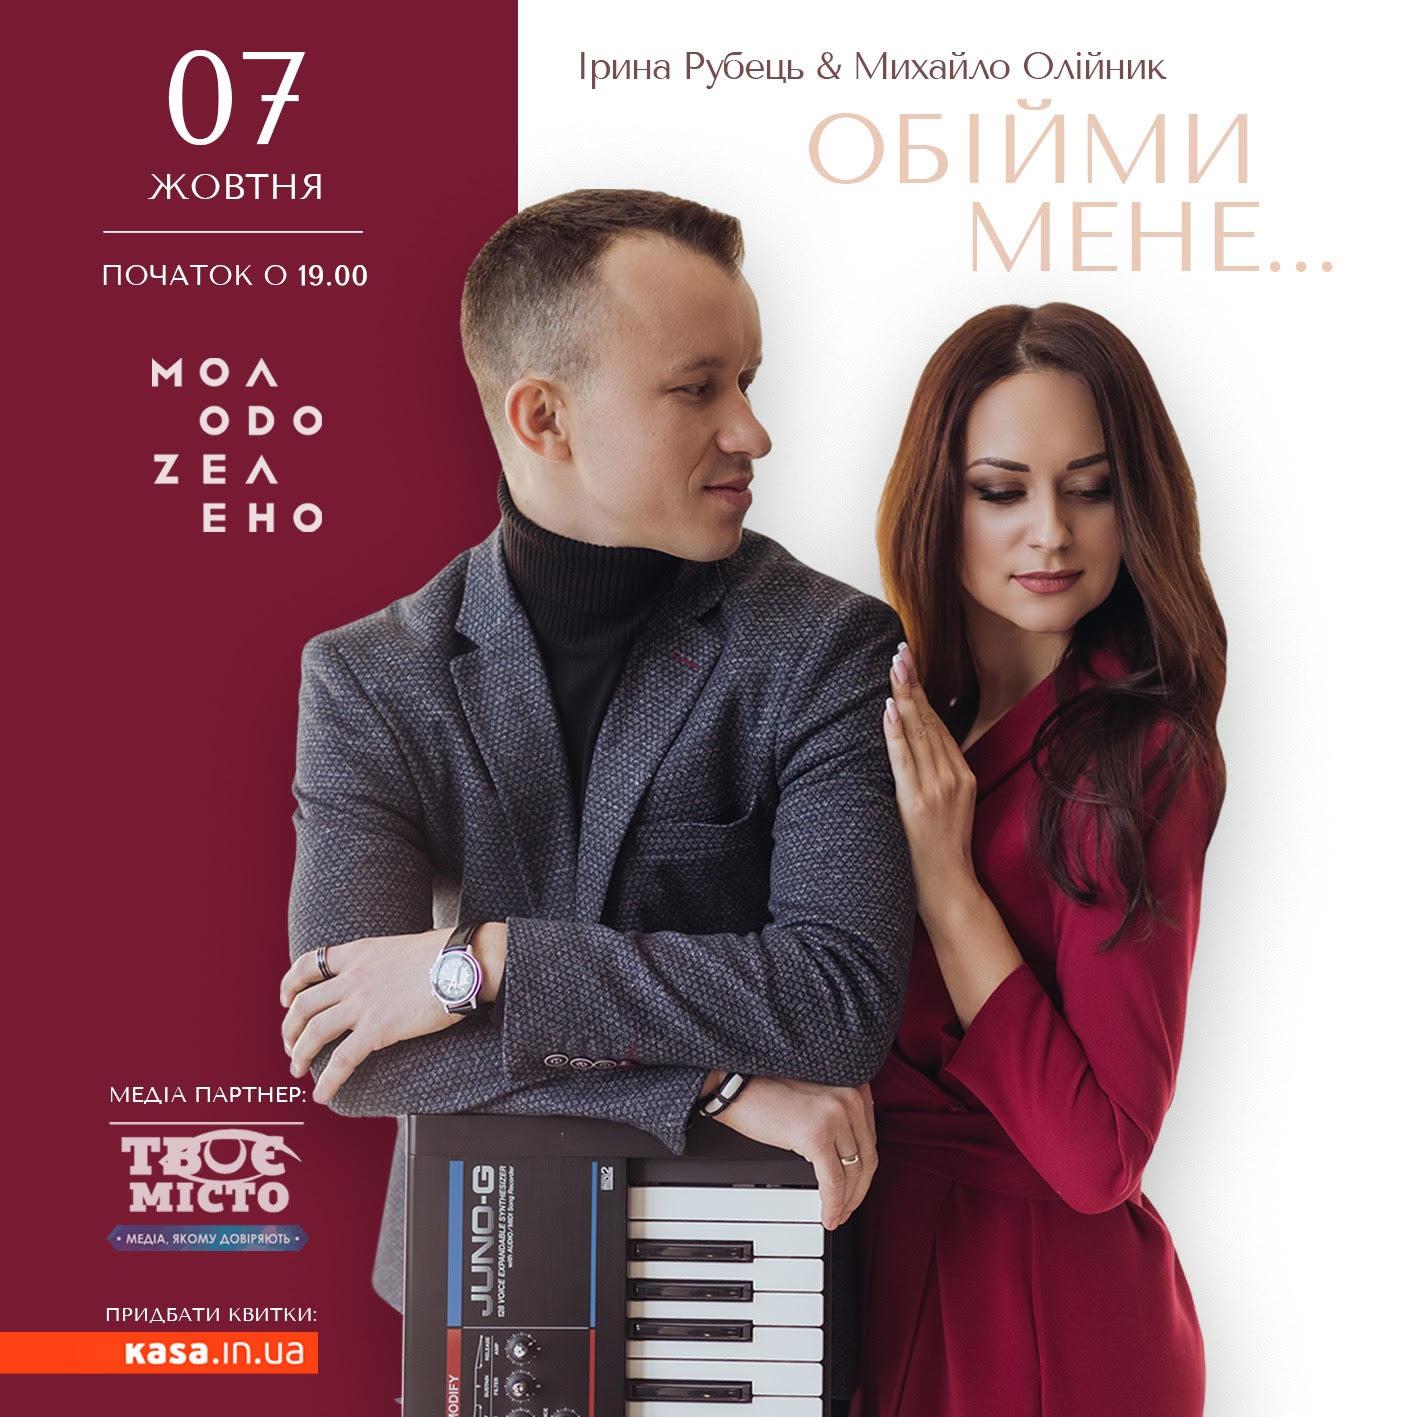 Ірина Рубець та Михайло Олійний презентують альбом «Обійми мене»